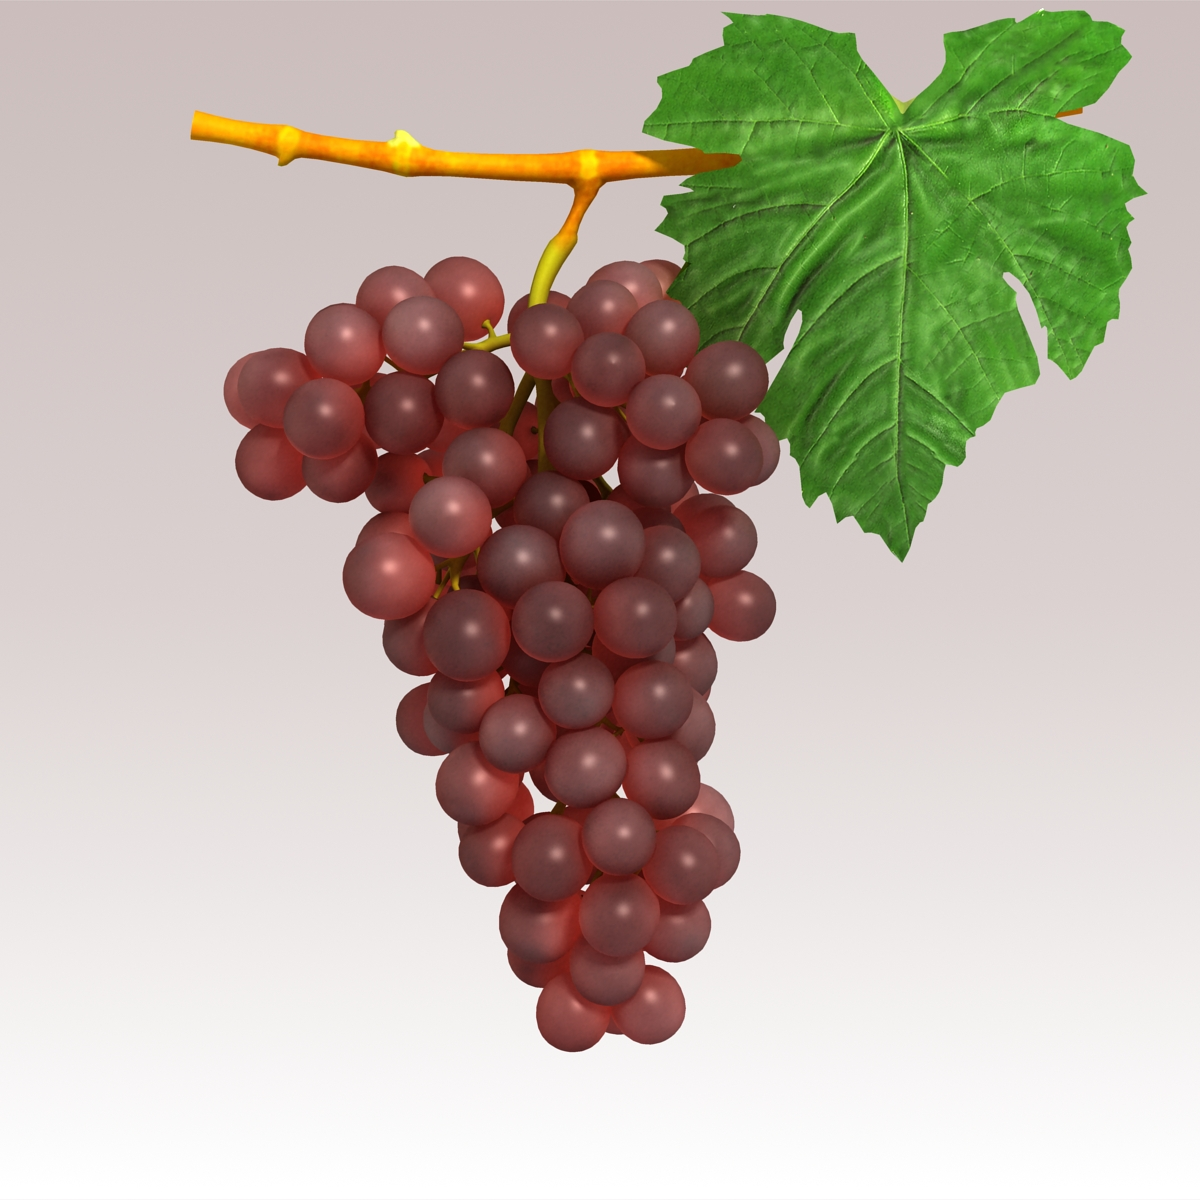 grapes red 3d model 3ds max fbx c4d lwo obj 204257